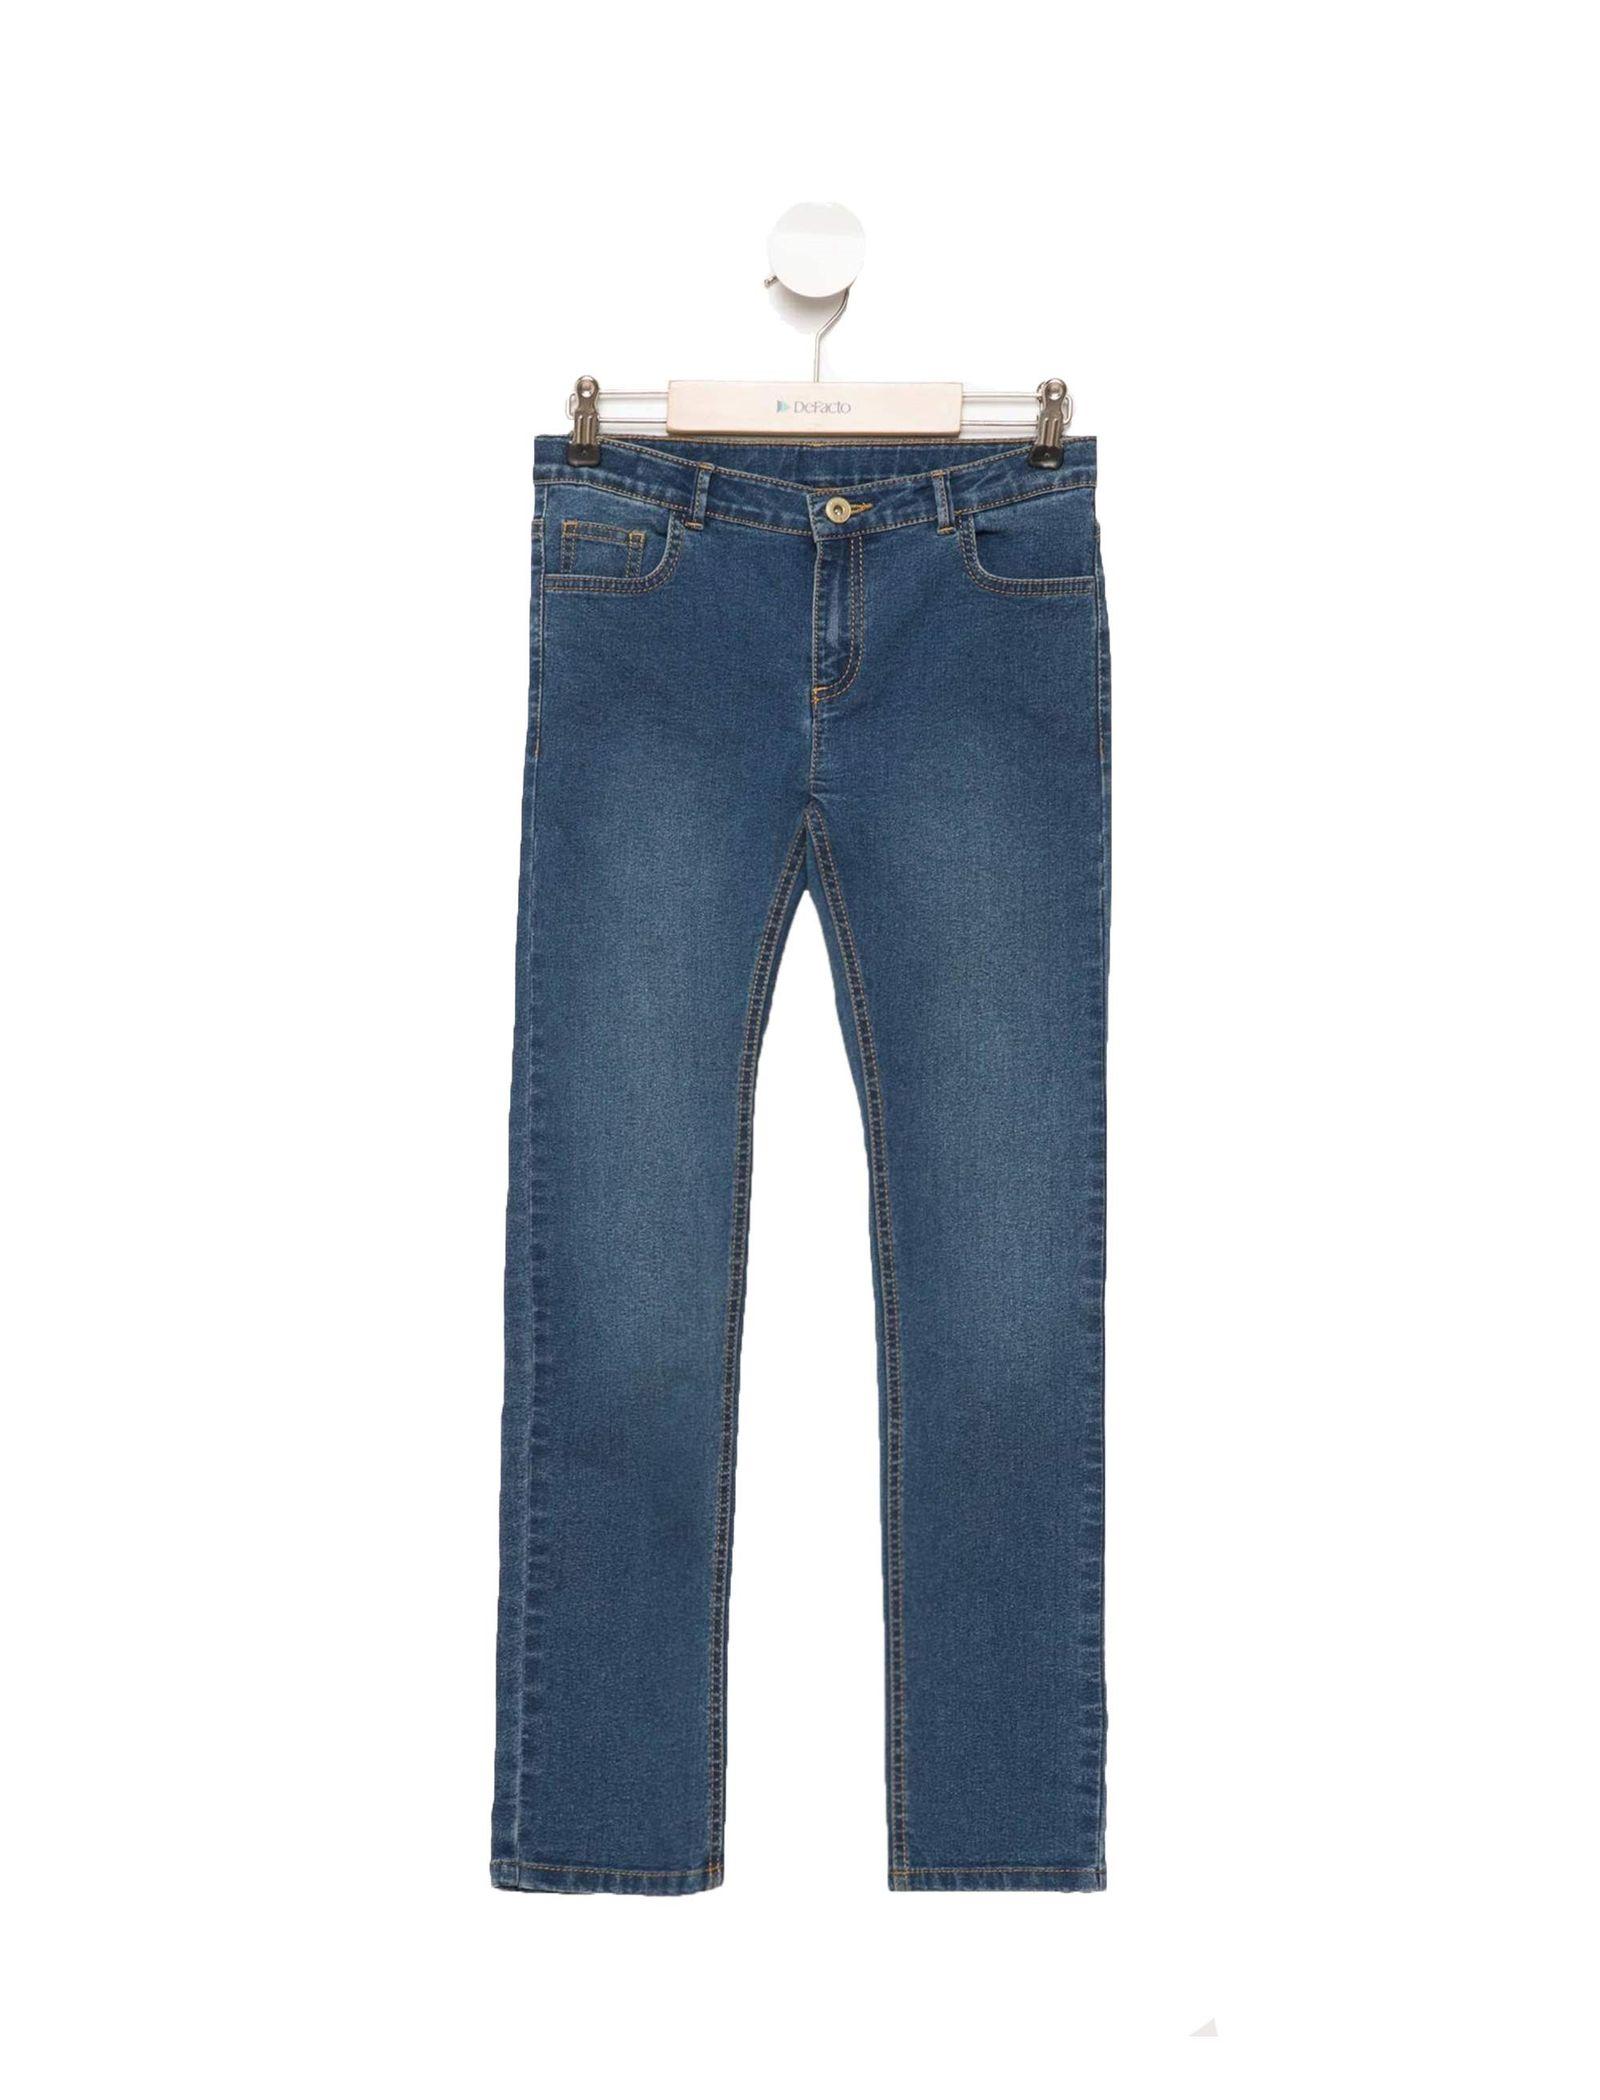 شلوار جین راسته دخترانه - دفکتو - آبي - 1